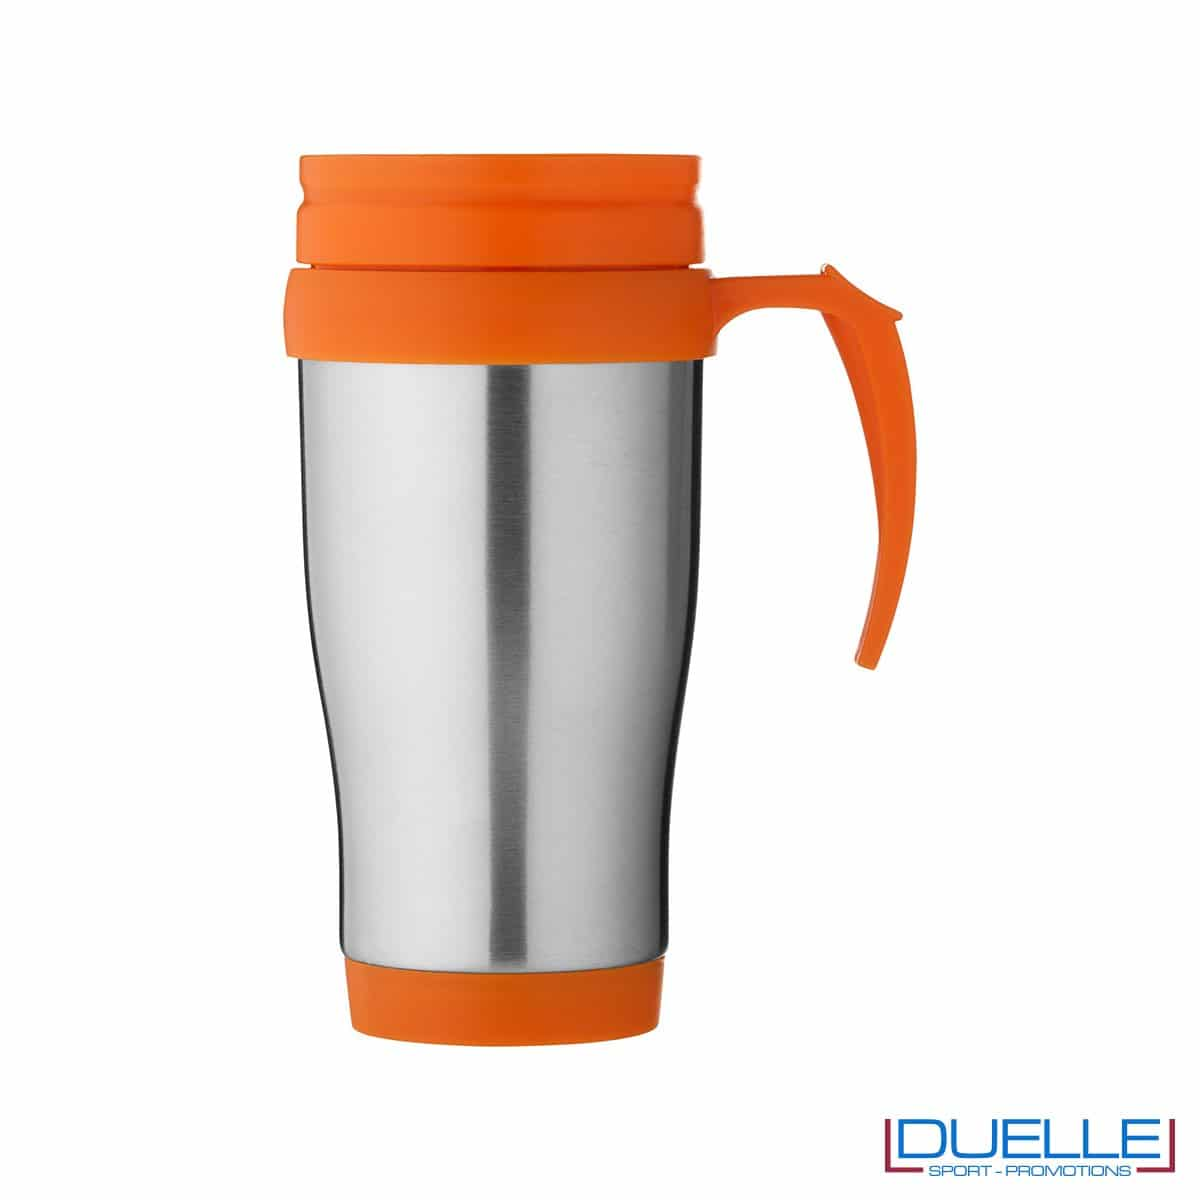 Tazza termica personalizzata colore arancione